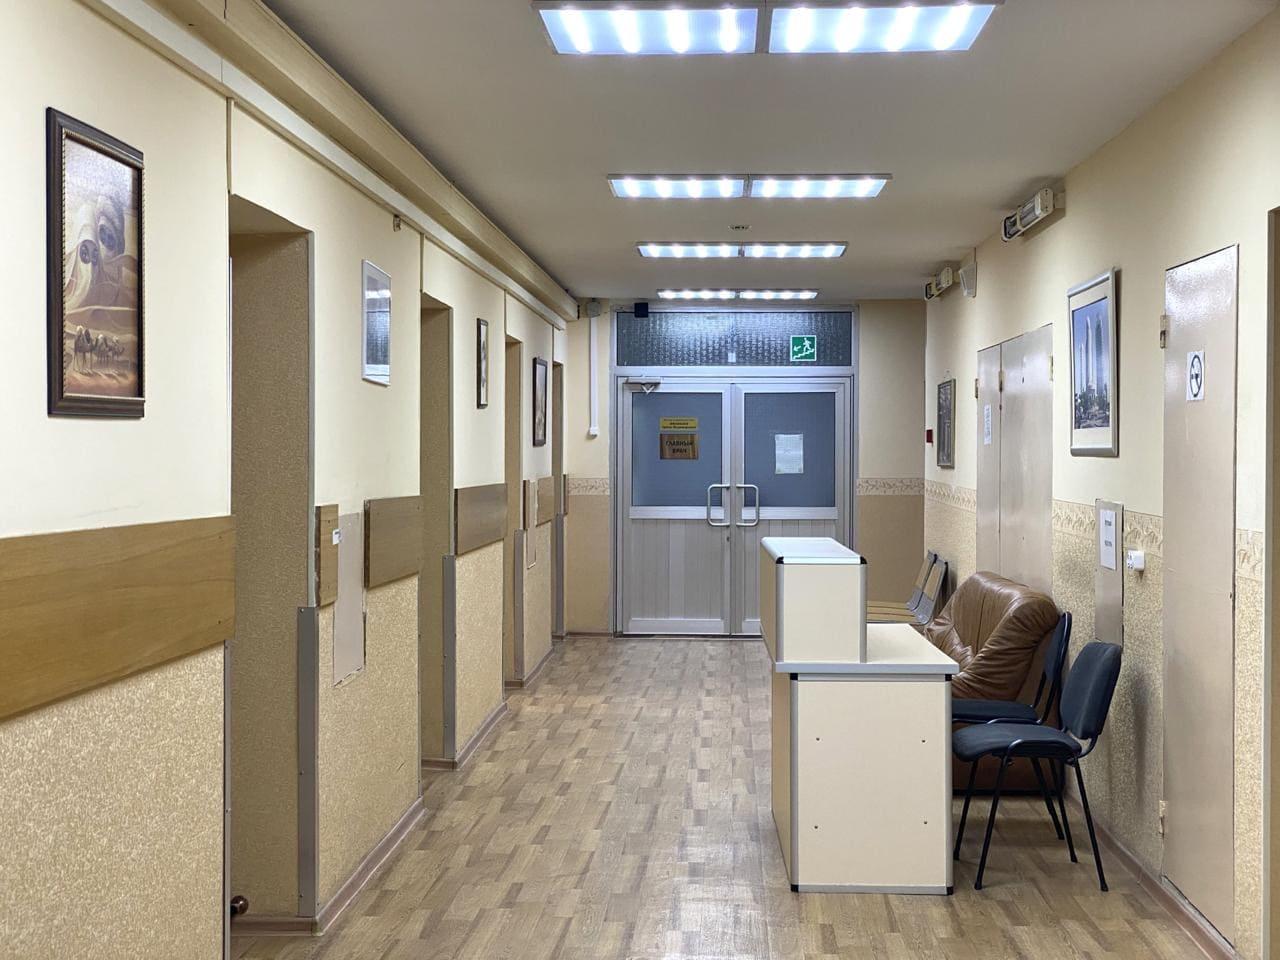 Наркологическая клиника платно наркология ул люблинская д 37 1